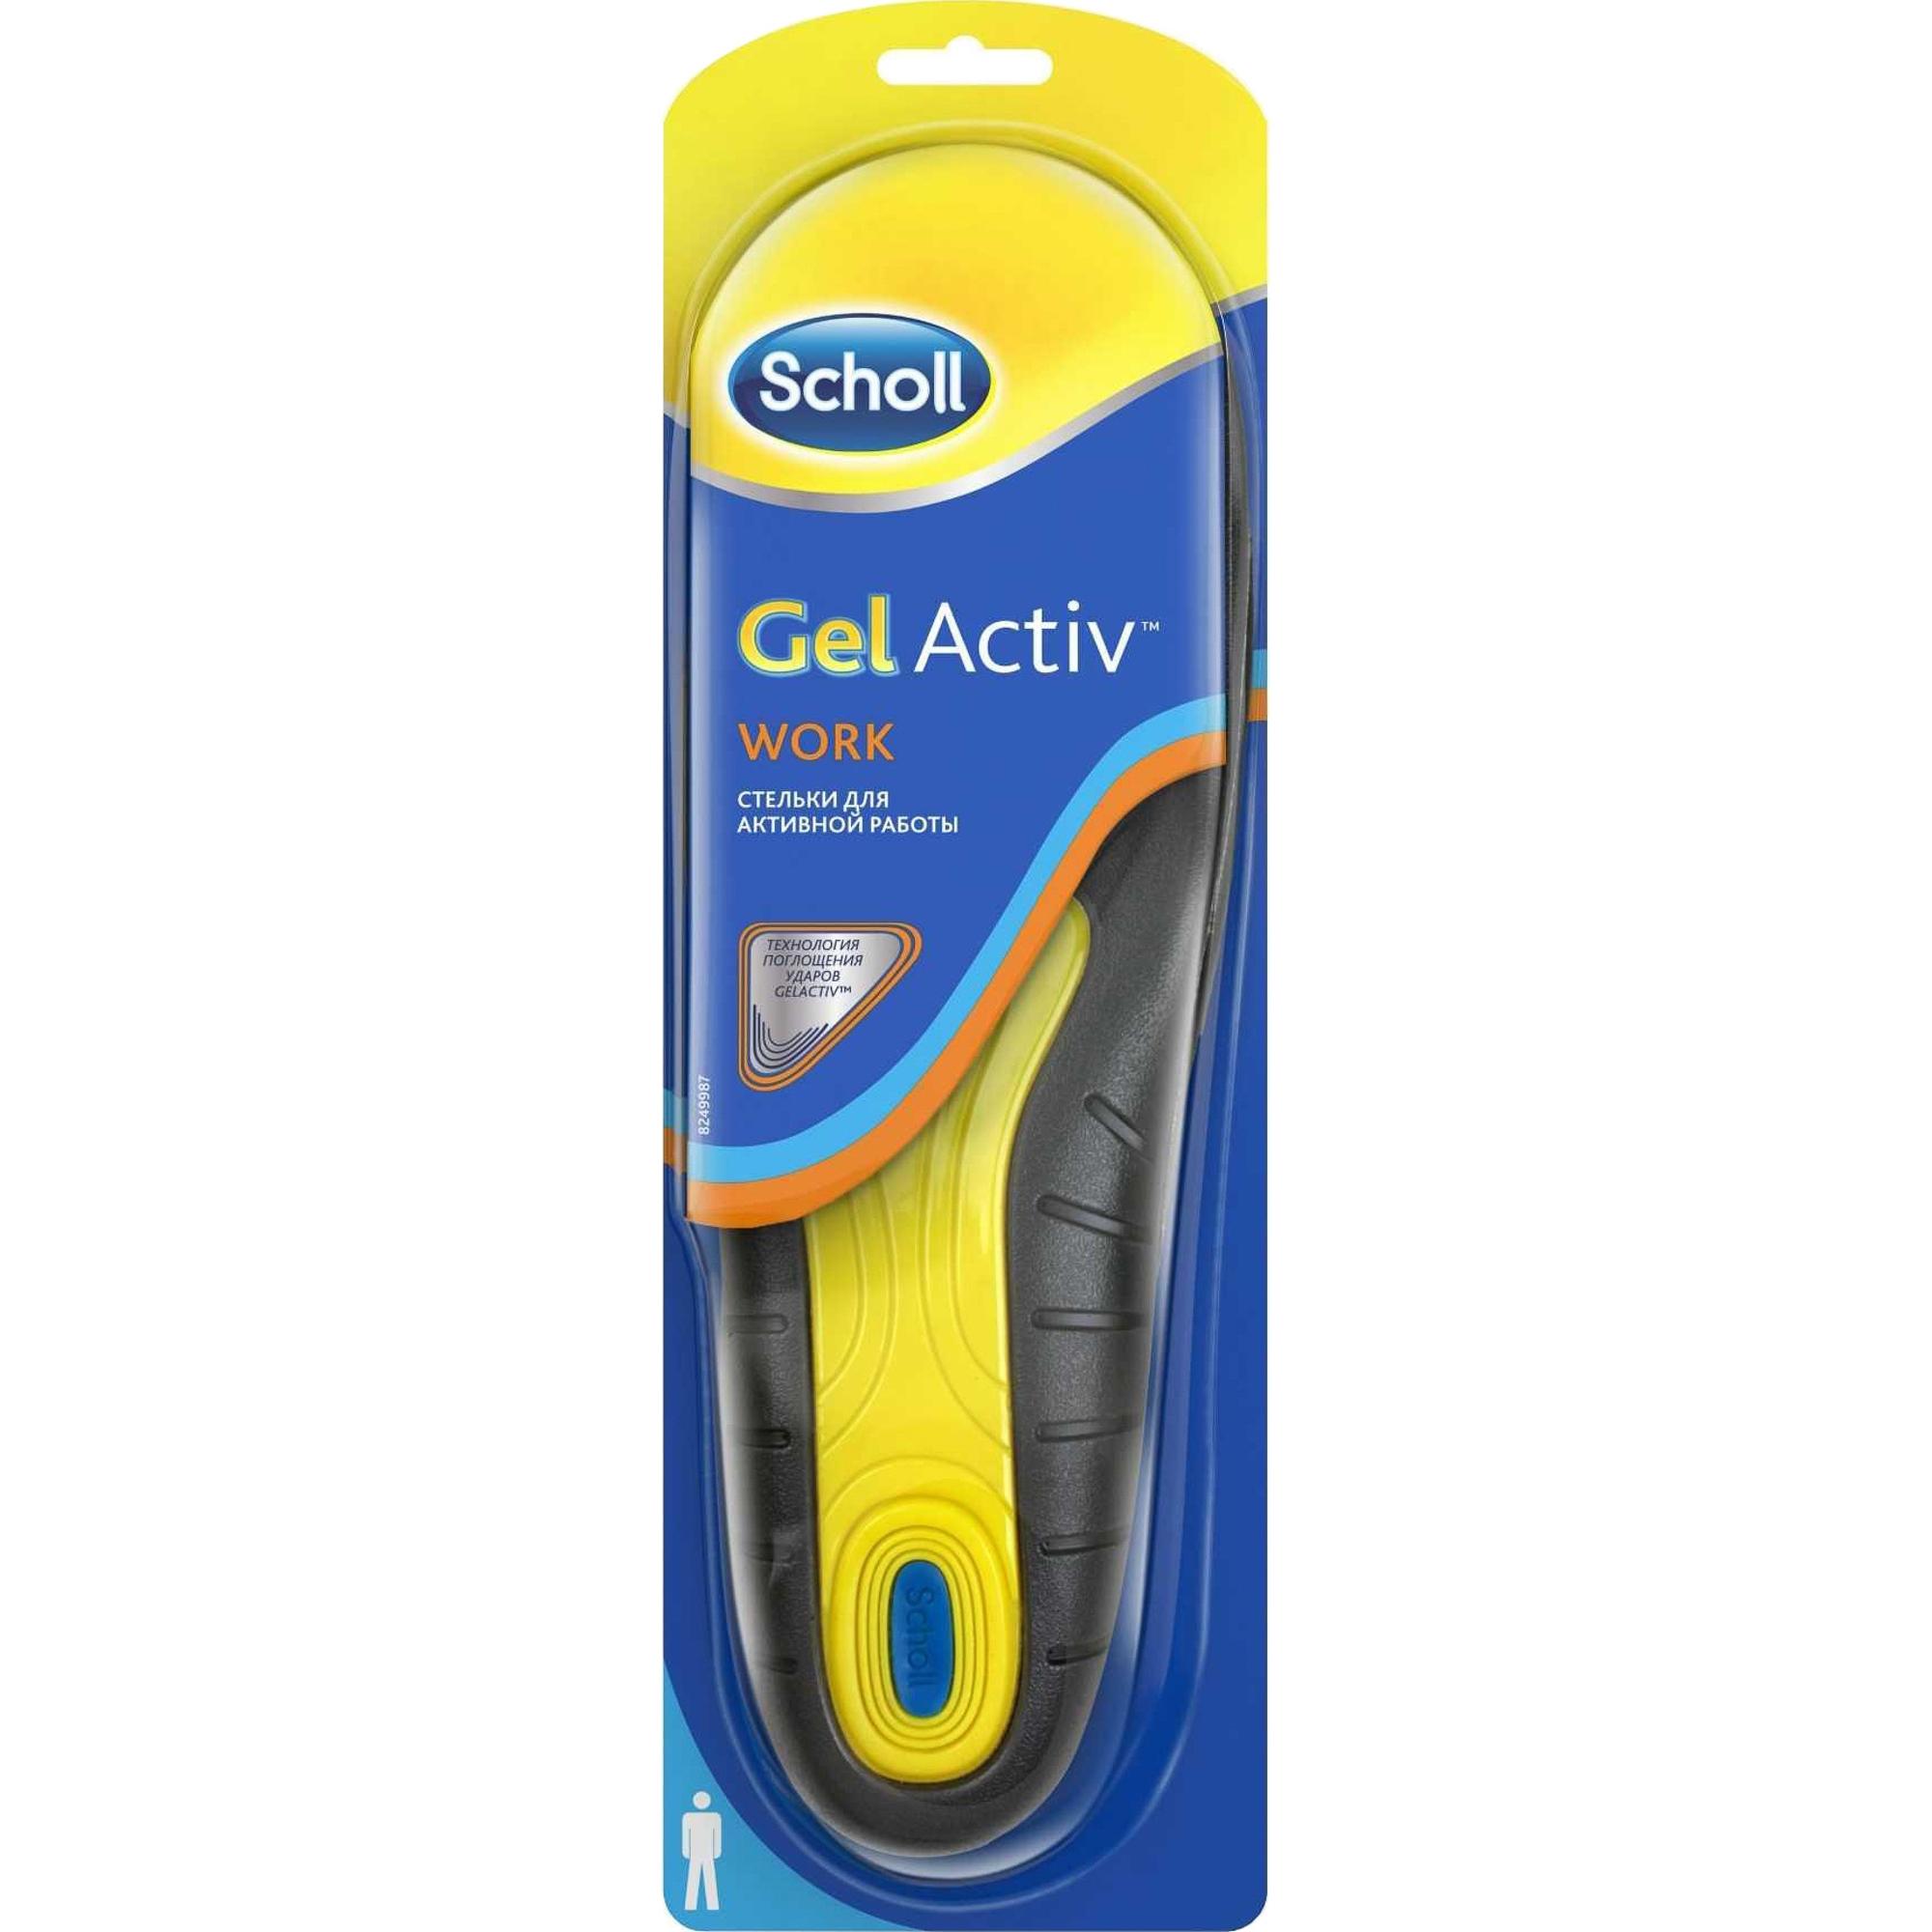 Стельки для обуви Scholl GelActiv Work Для активной работы Для мужчин